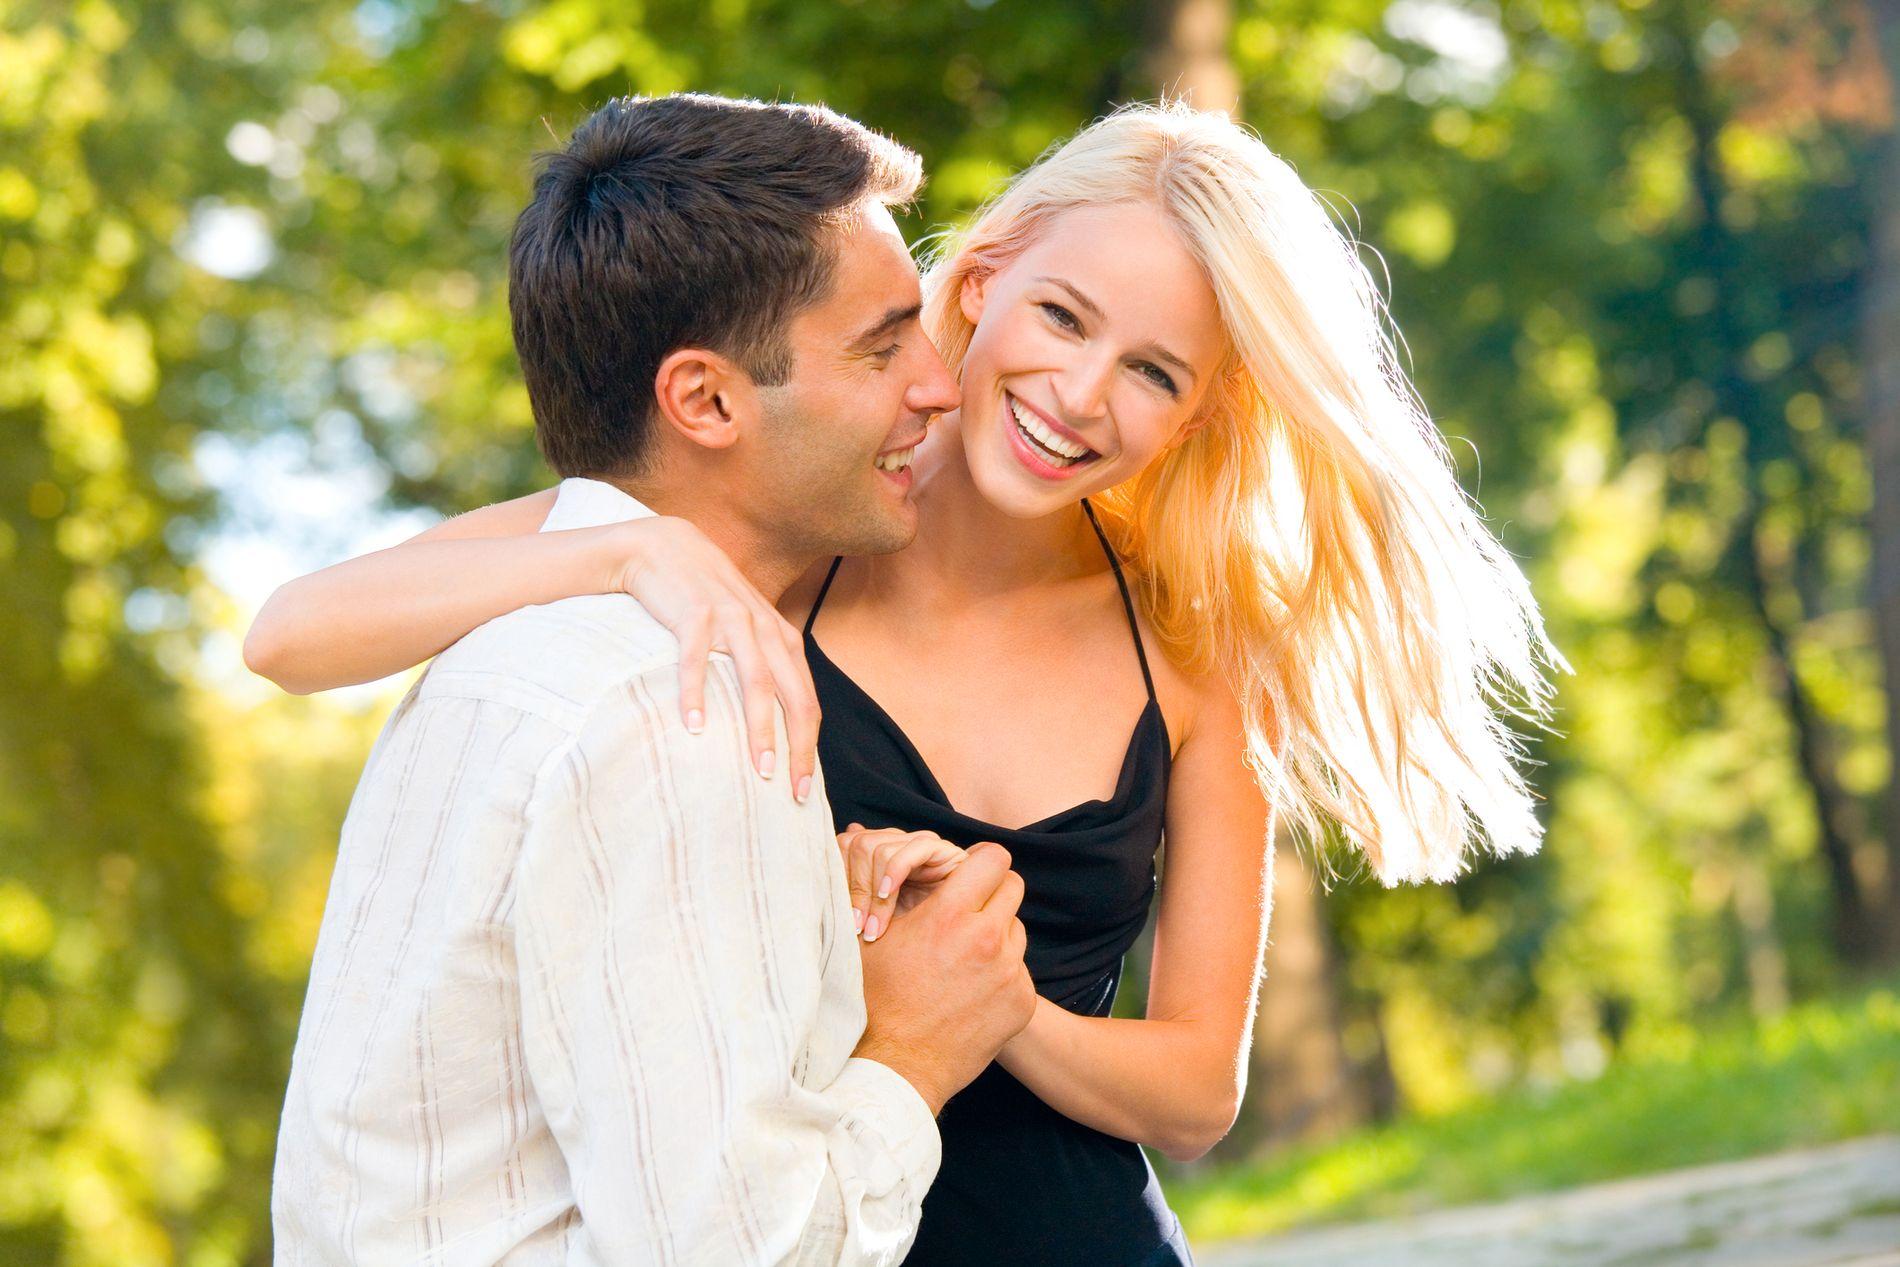 красивые фото мужчины и женщины вместе перепечатка материалов, без